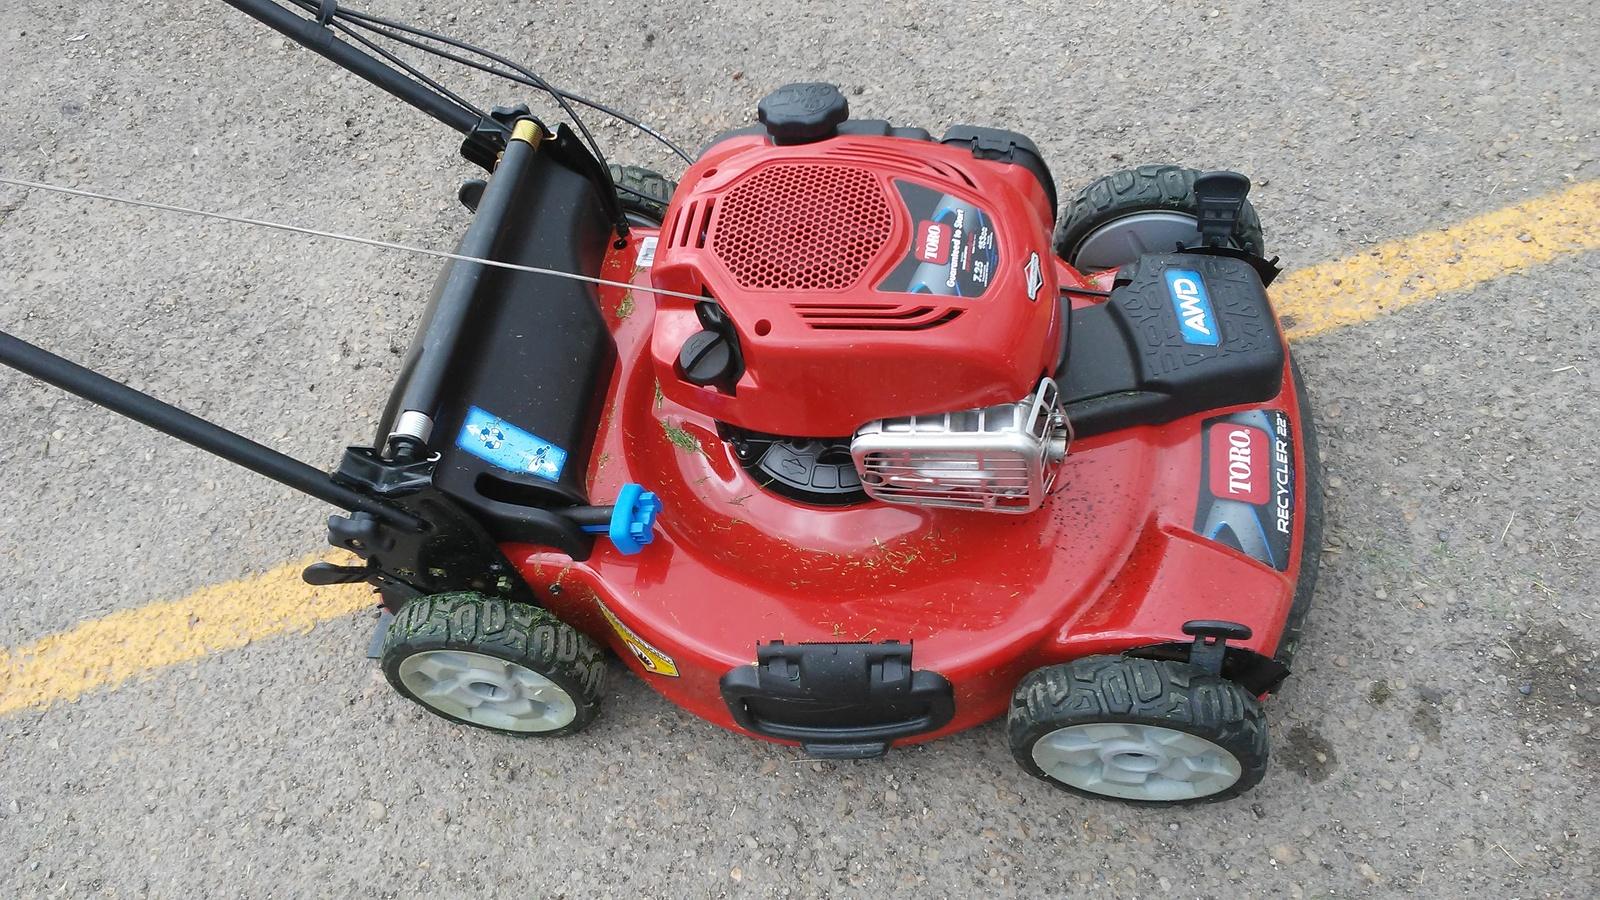 Toro Lawn Mower Repment Parts Model 20070 Toro Tractor